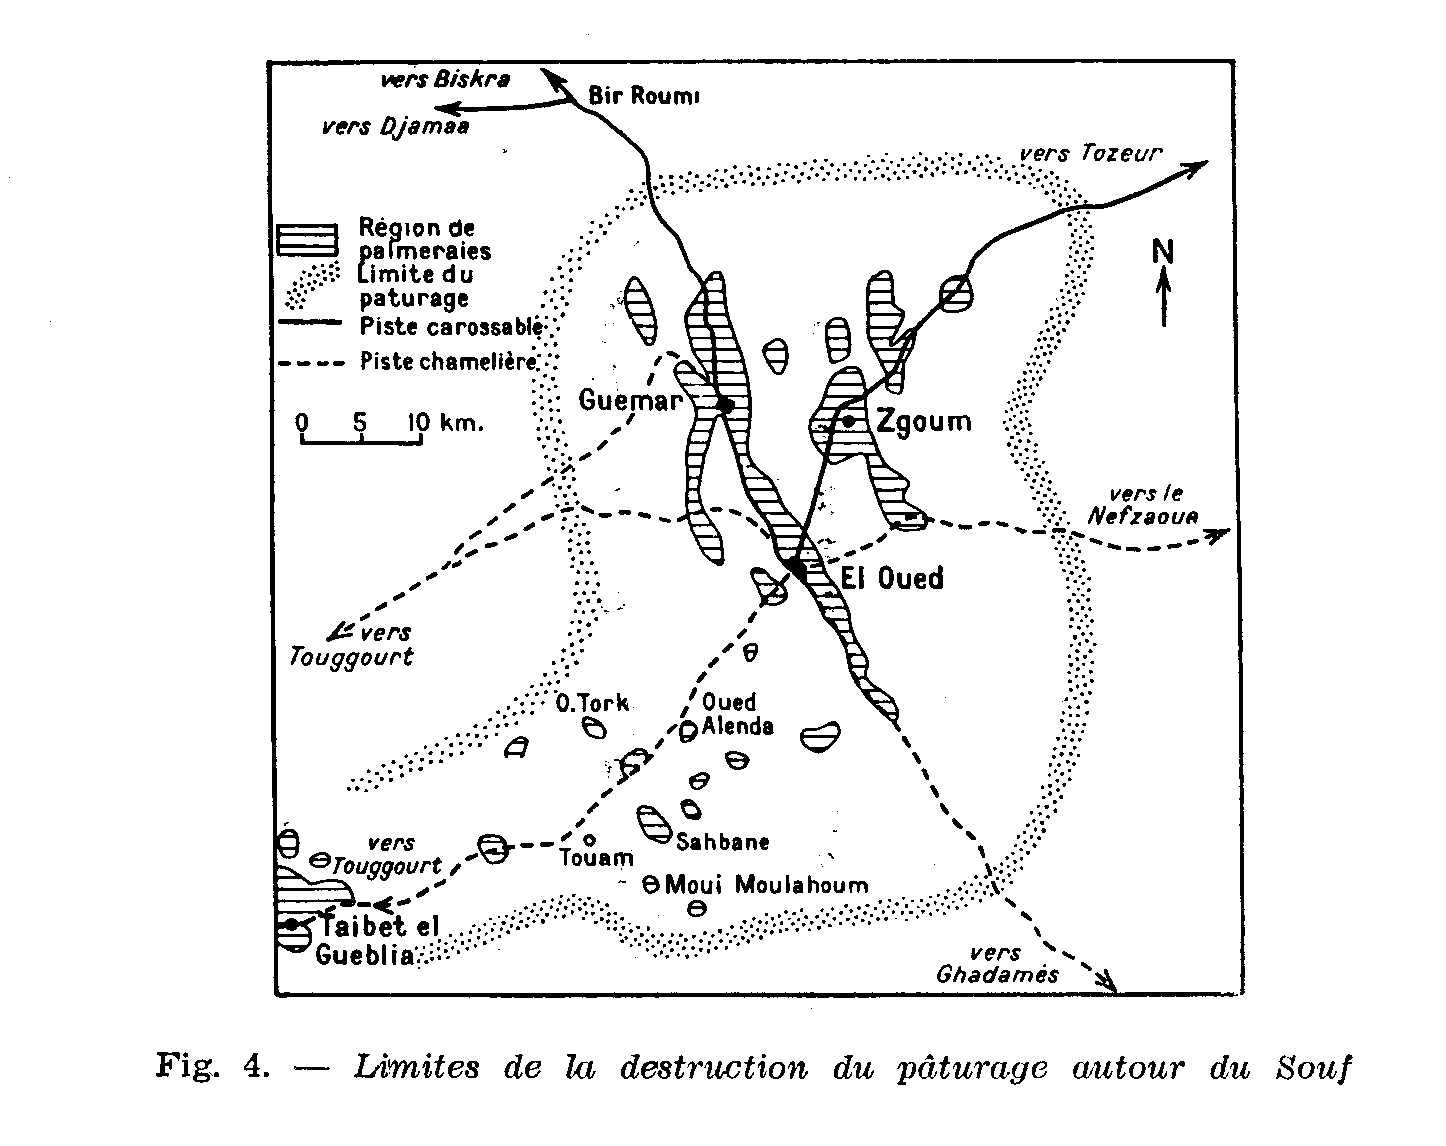 même source, carte de délimitation des oasis du Souf